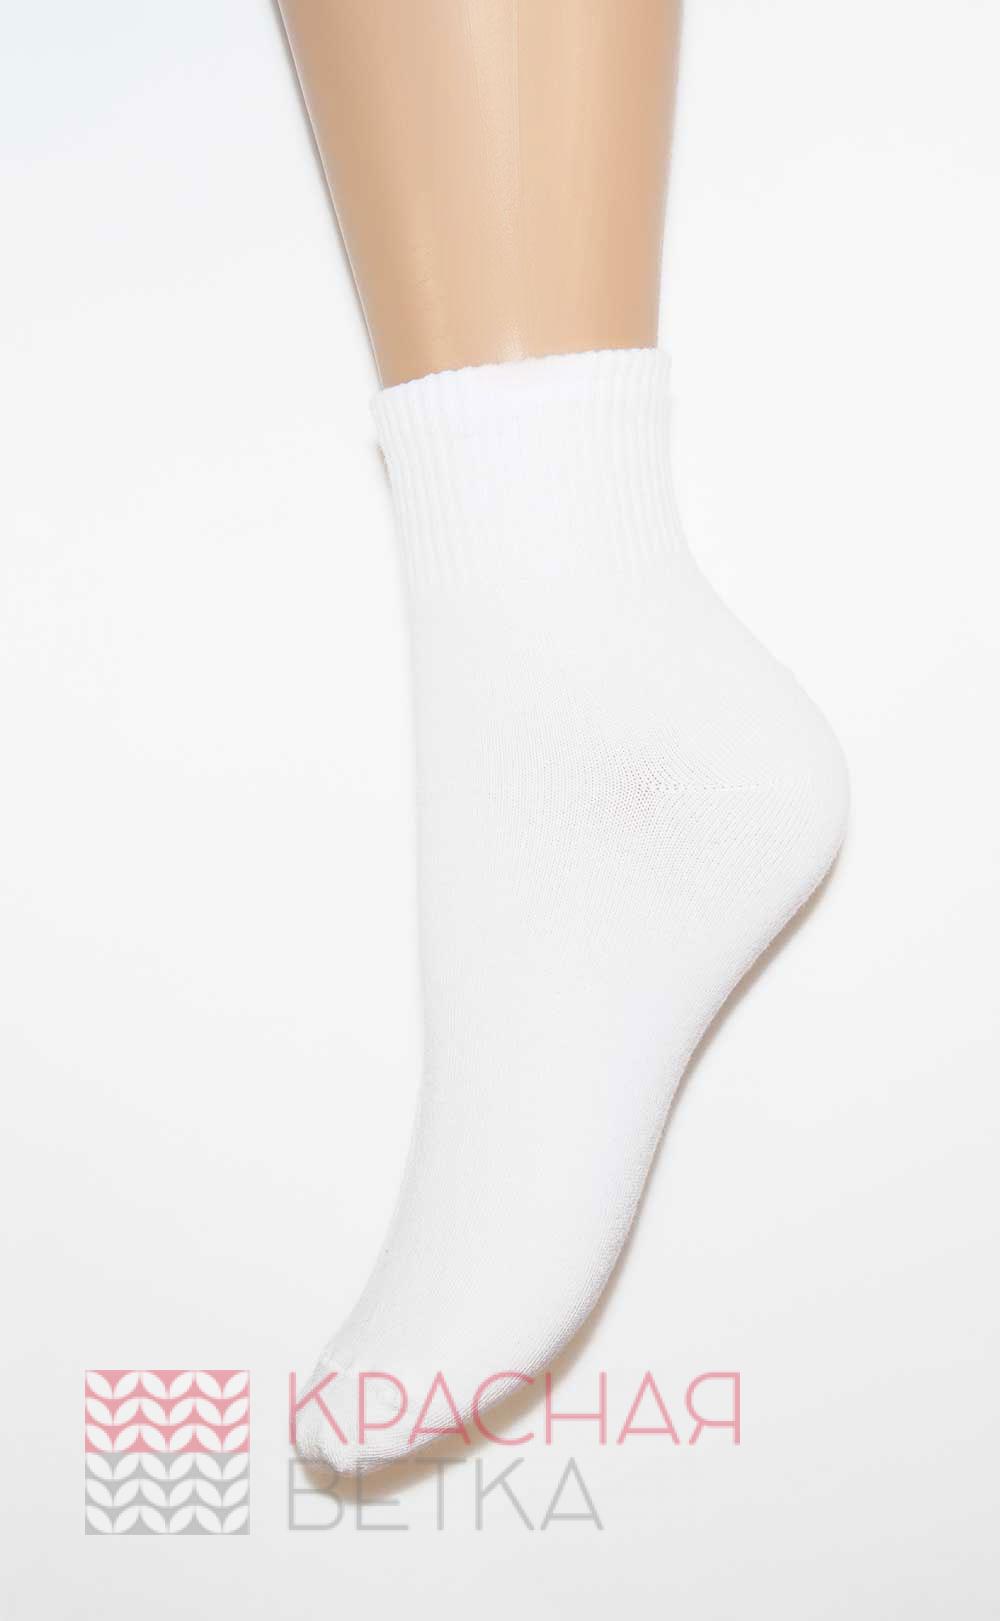 Носки женские Мили (упаковка 10 пар) (23-25) носки женские милашка упаковка 6 пар 23 25